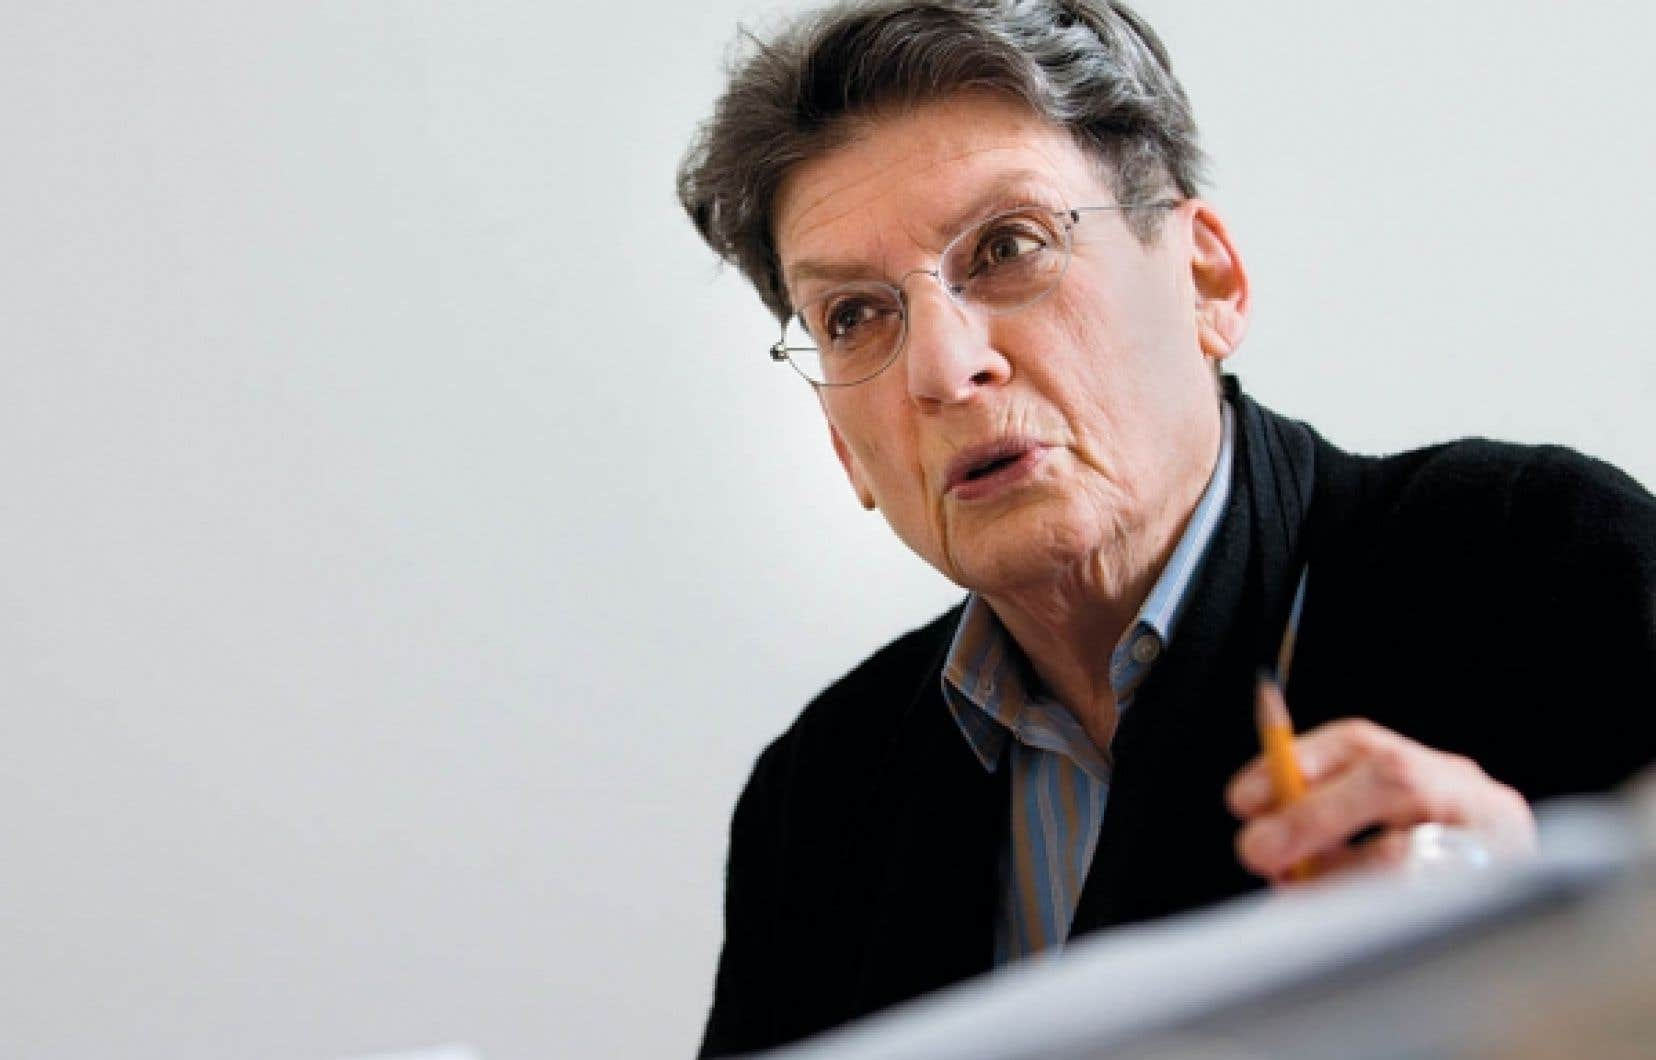 Phyllis Lambert, fondatrice du Centre canadien d'architecture, rejette complètement le credo du «faire plus au plus bas coût possible».